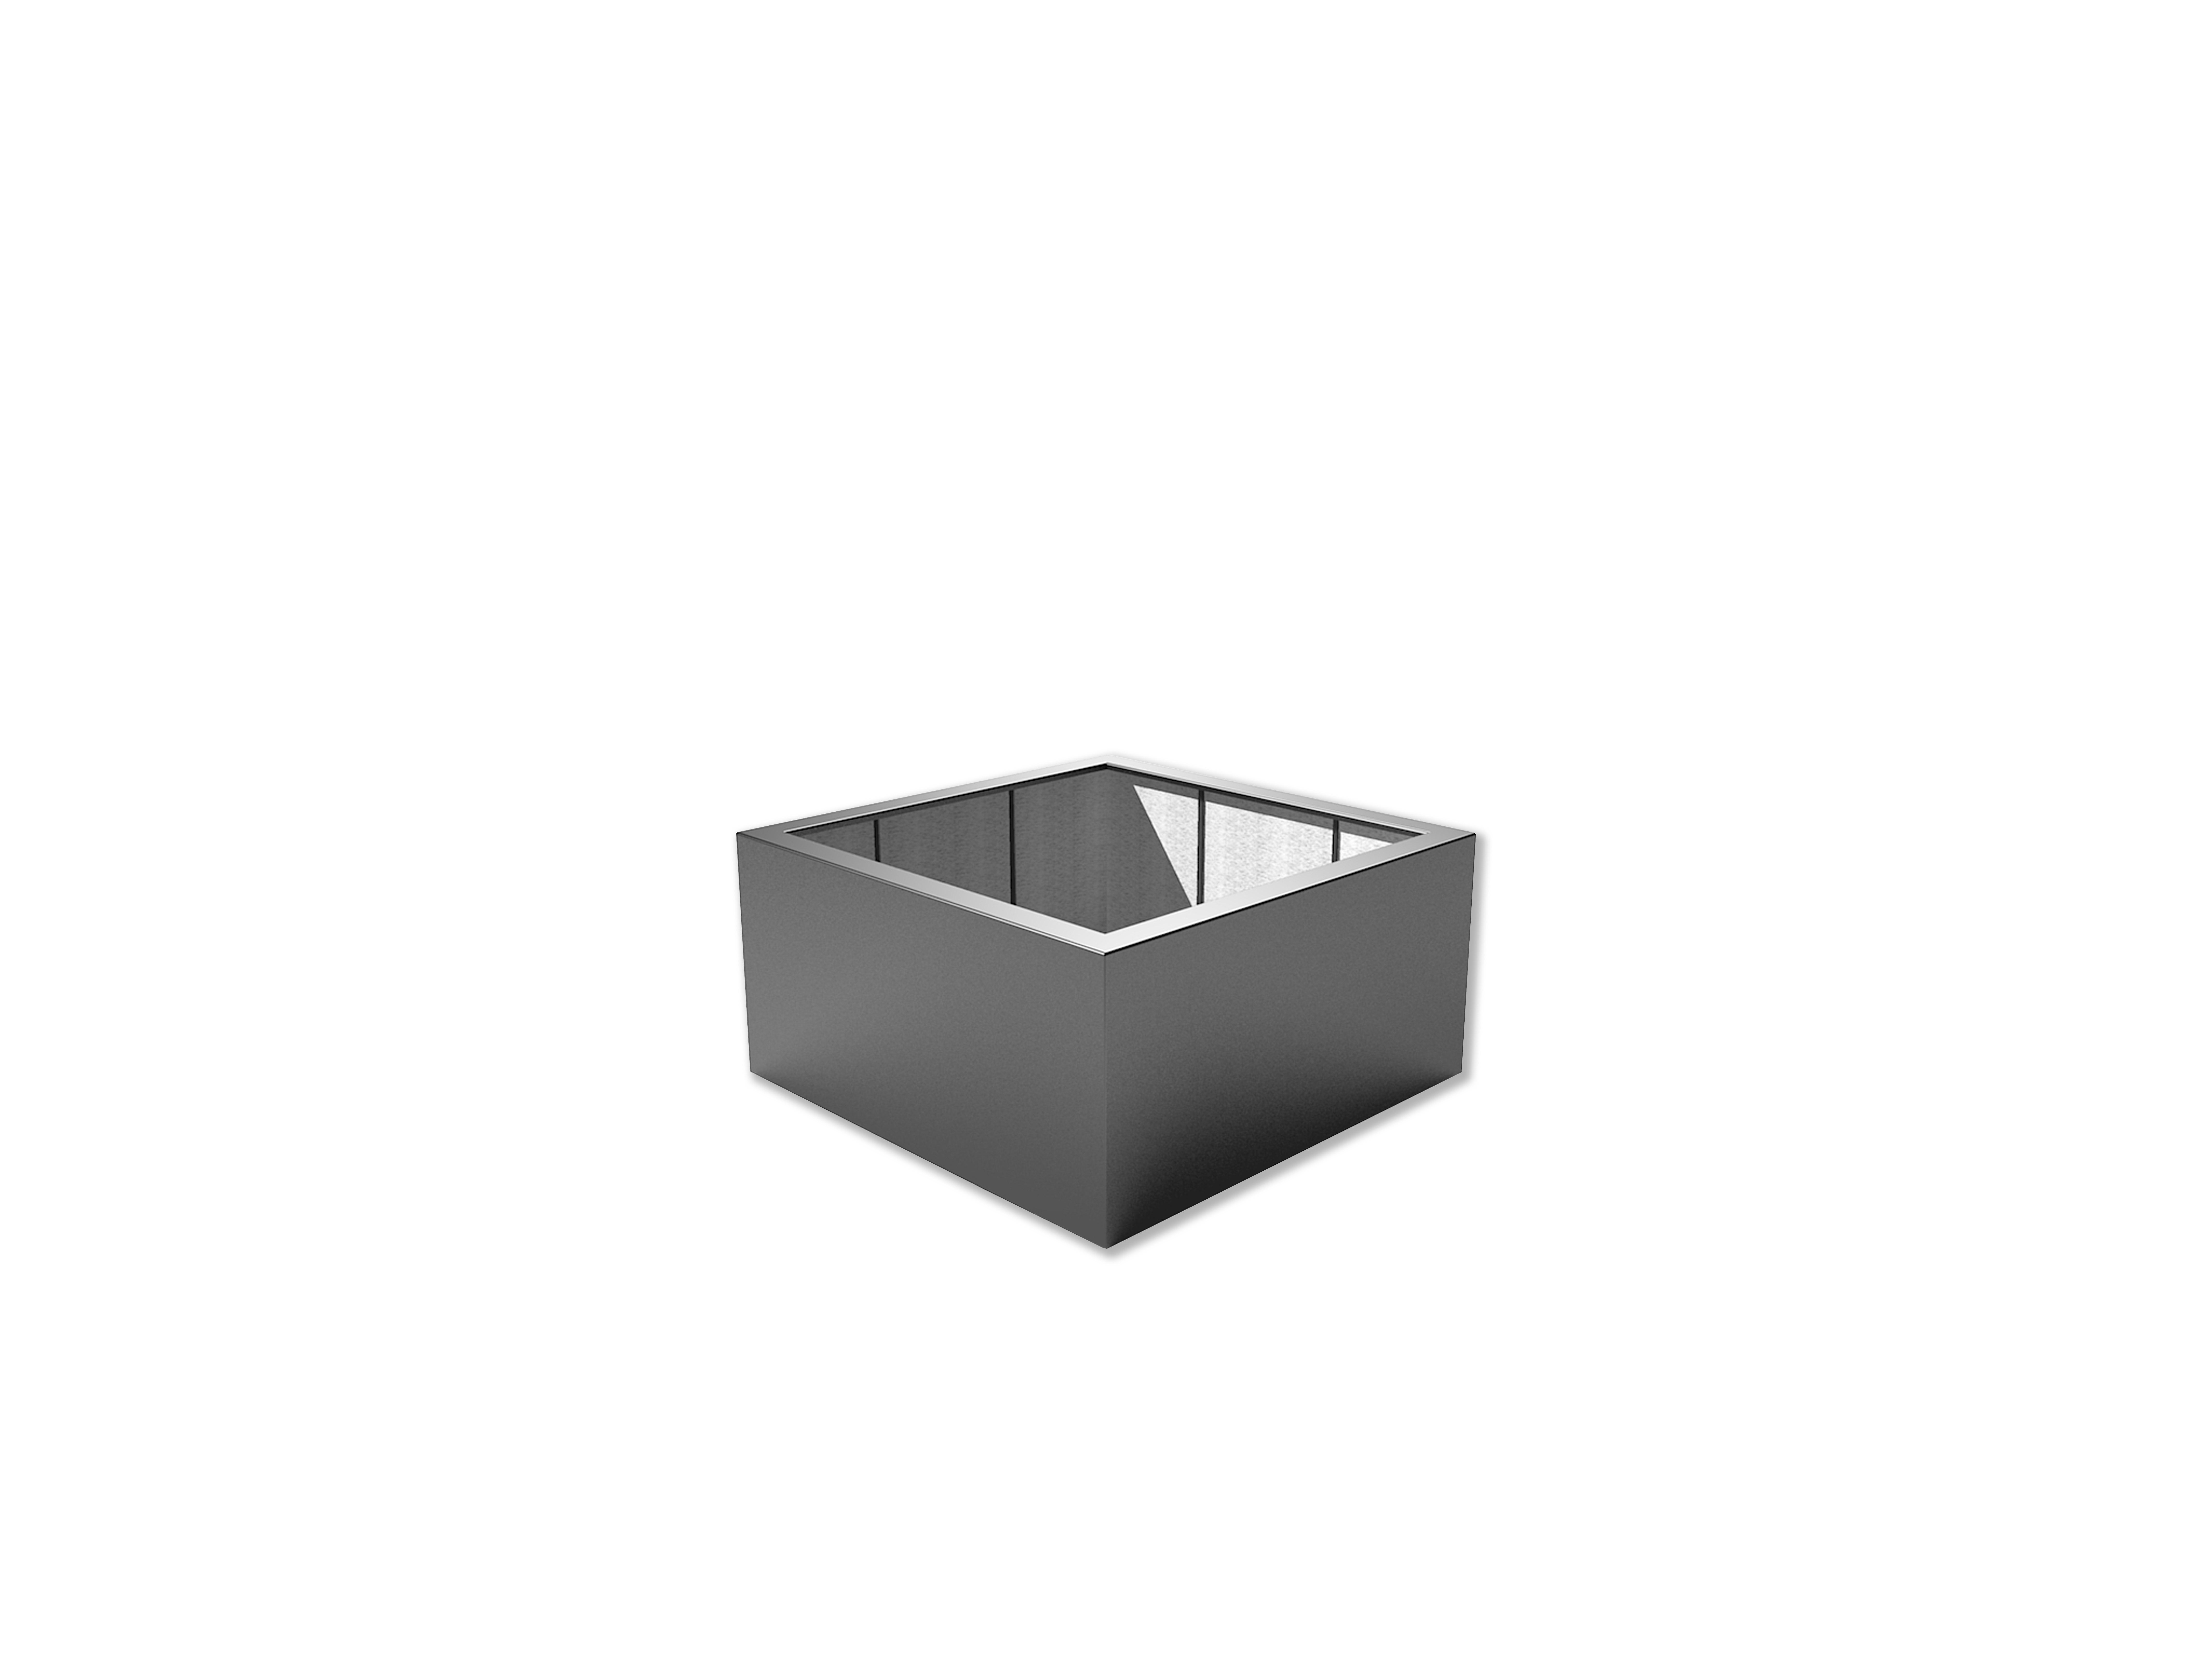 Adezz | Polyester bloembak Buxus | 120 x 120 x 60 cm | Antraciet